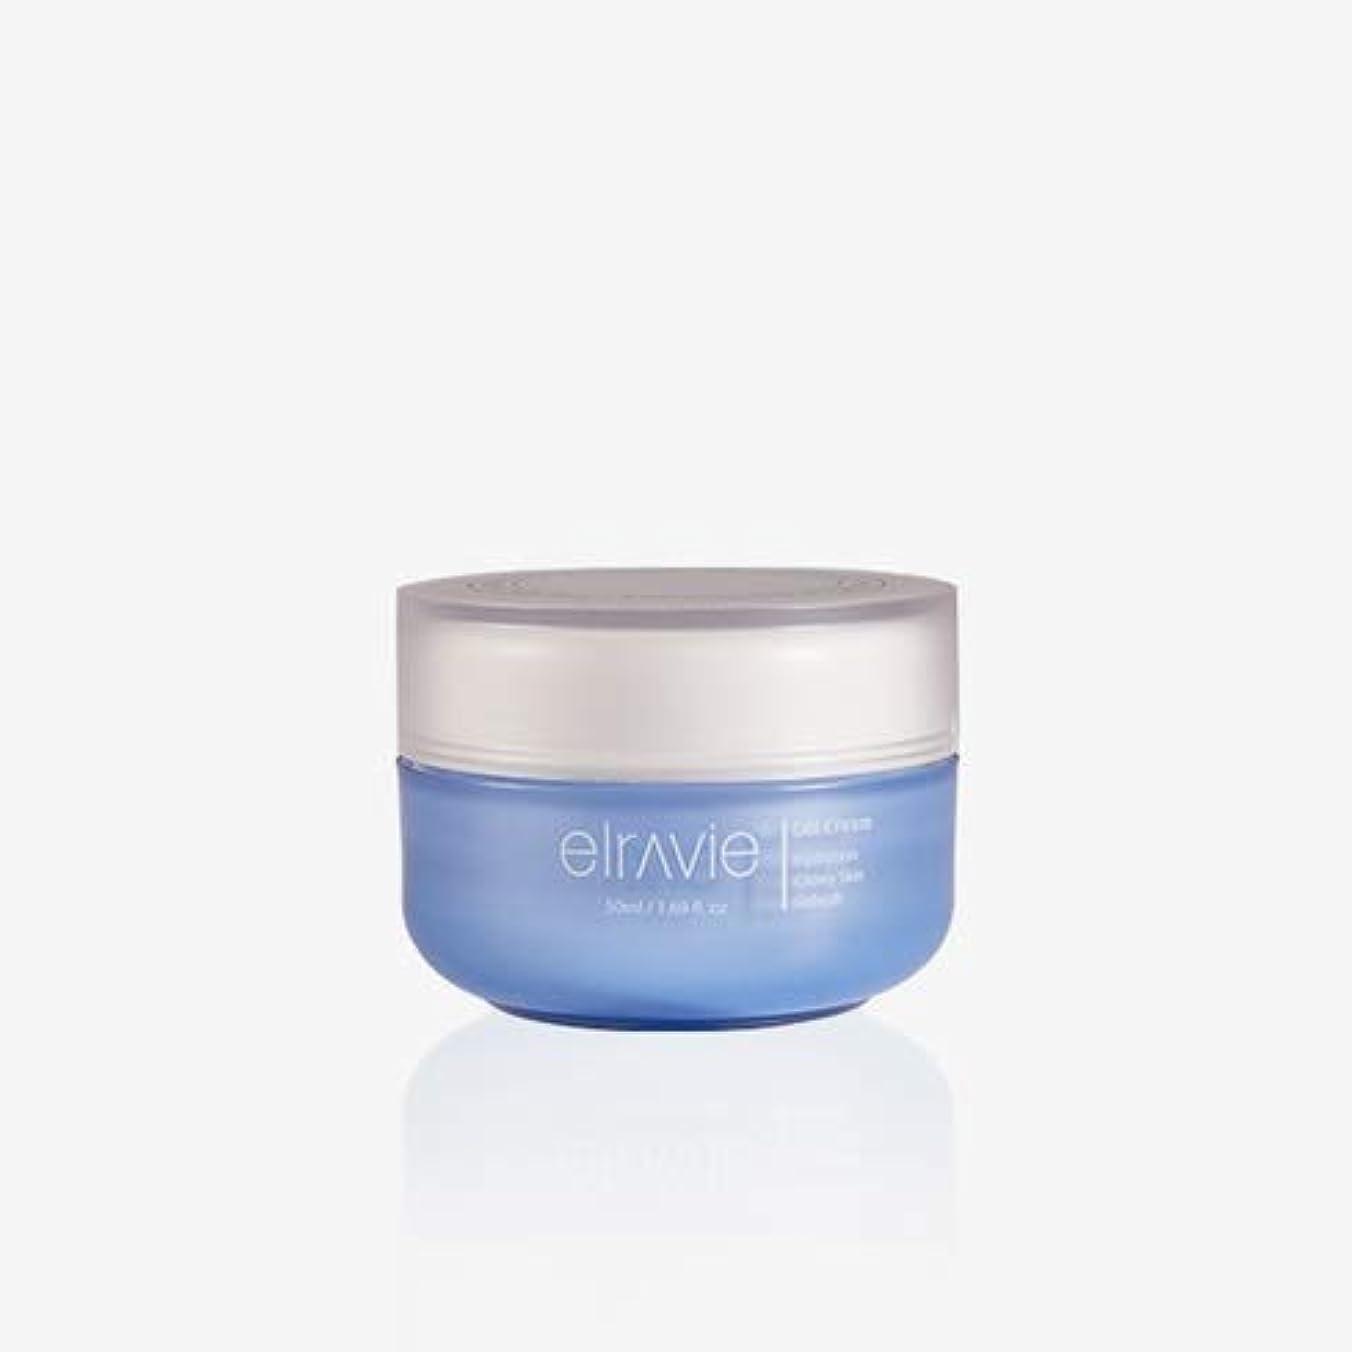 ジュースサッカー少年エラヴィー[Elravie] ダーマハイドロエクステンデッドハイジェルクリーム50ml / Derma Hydro Extended Hyal Gel Cream